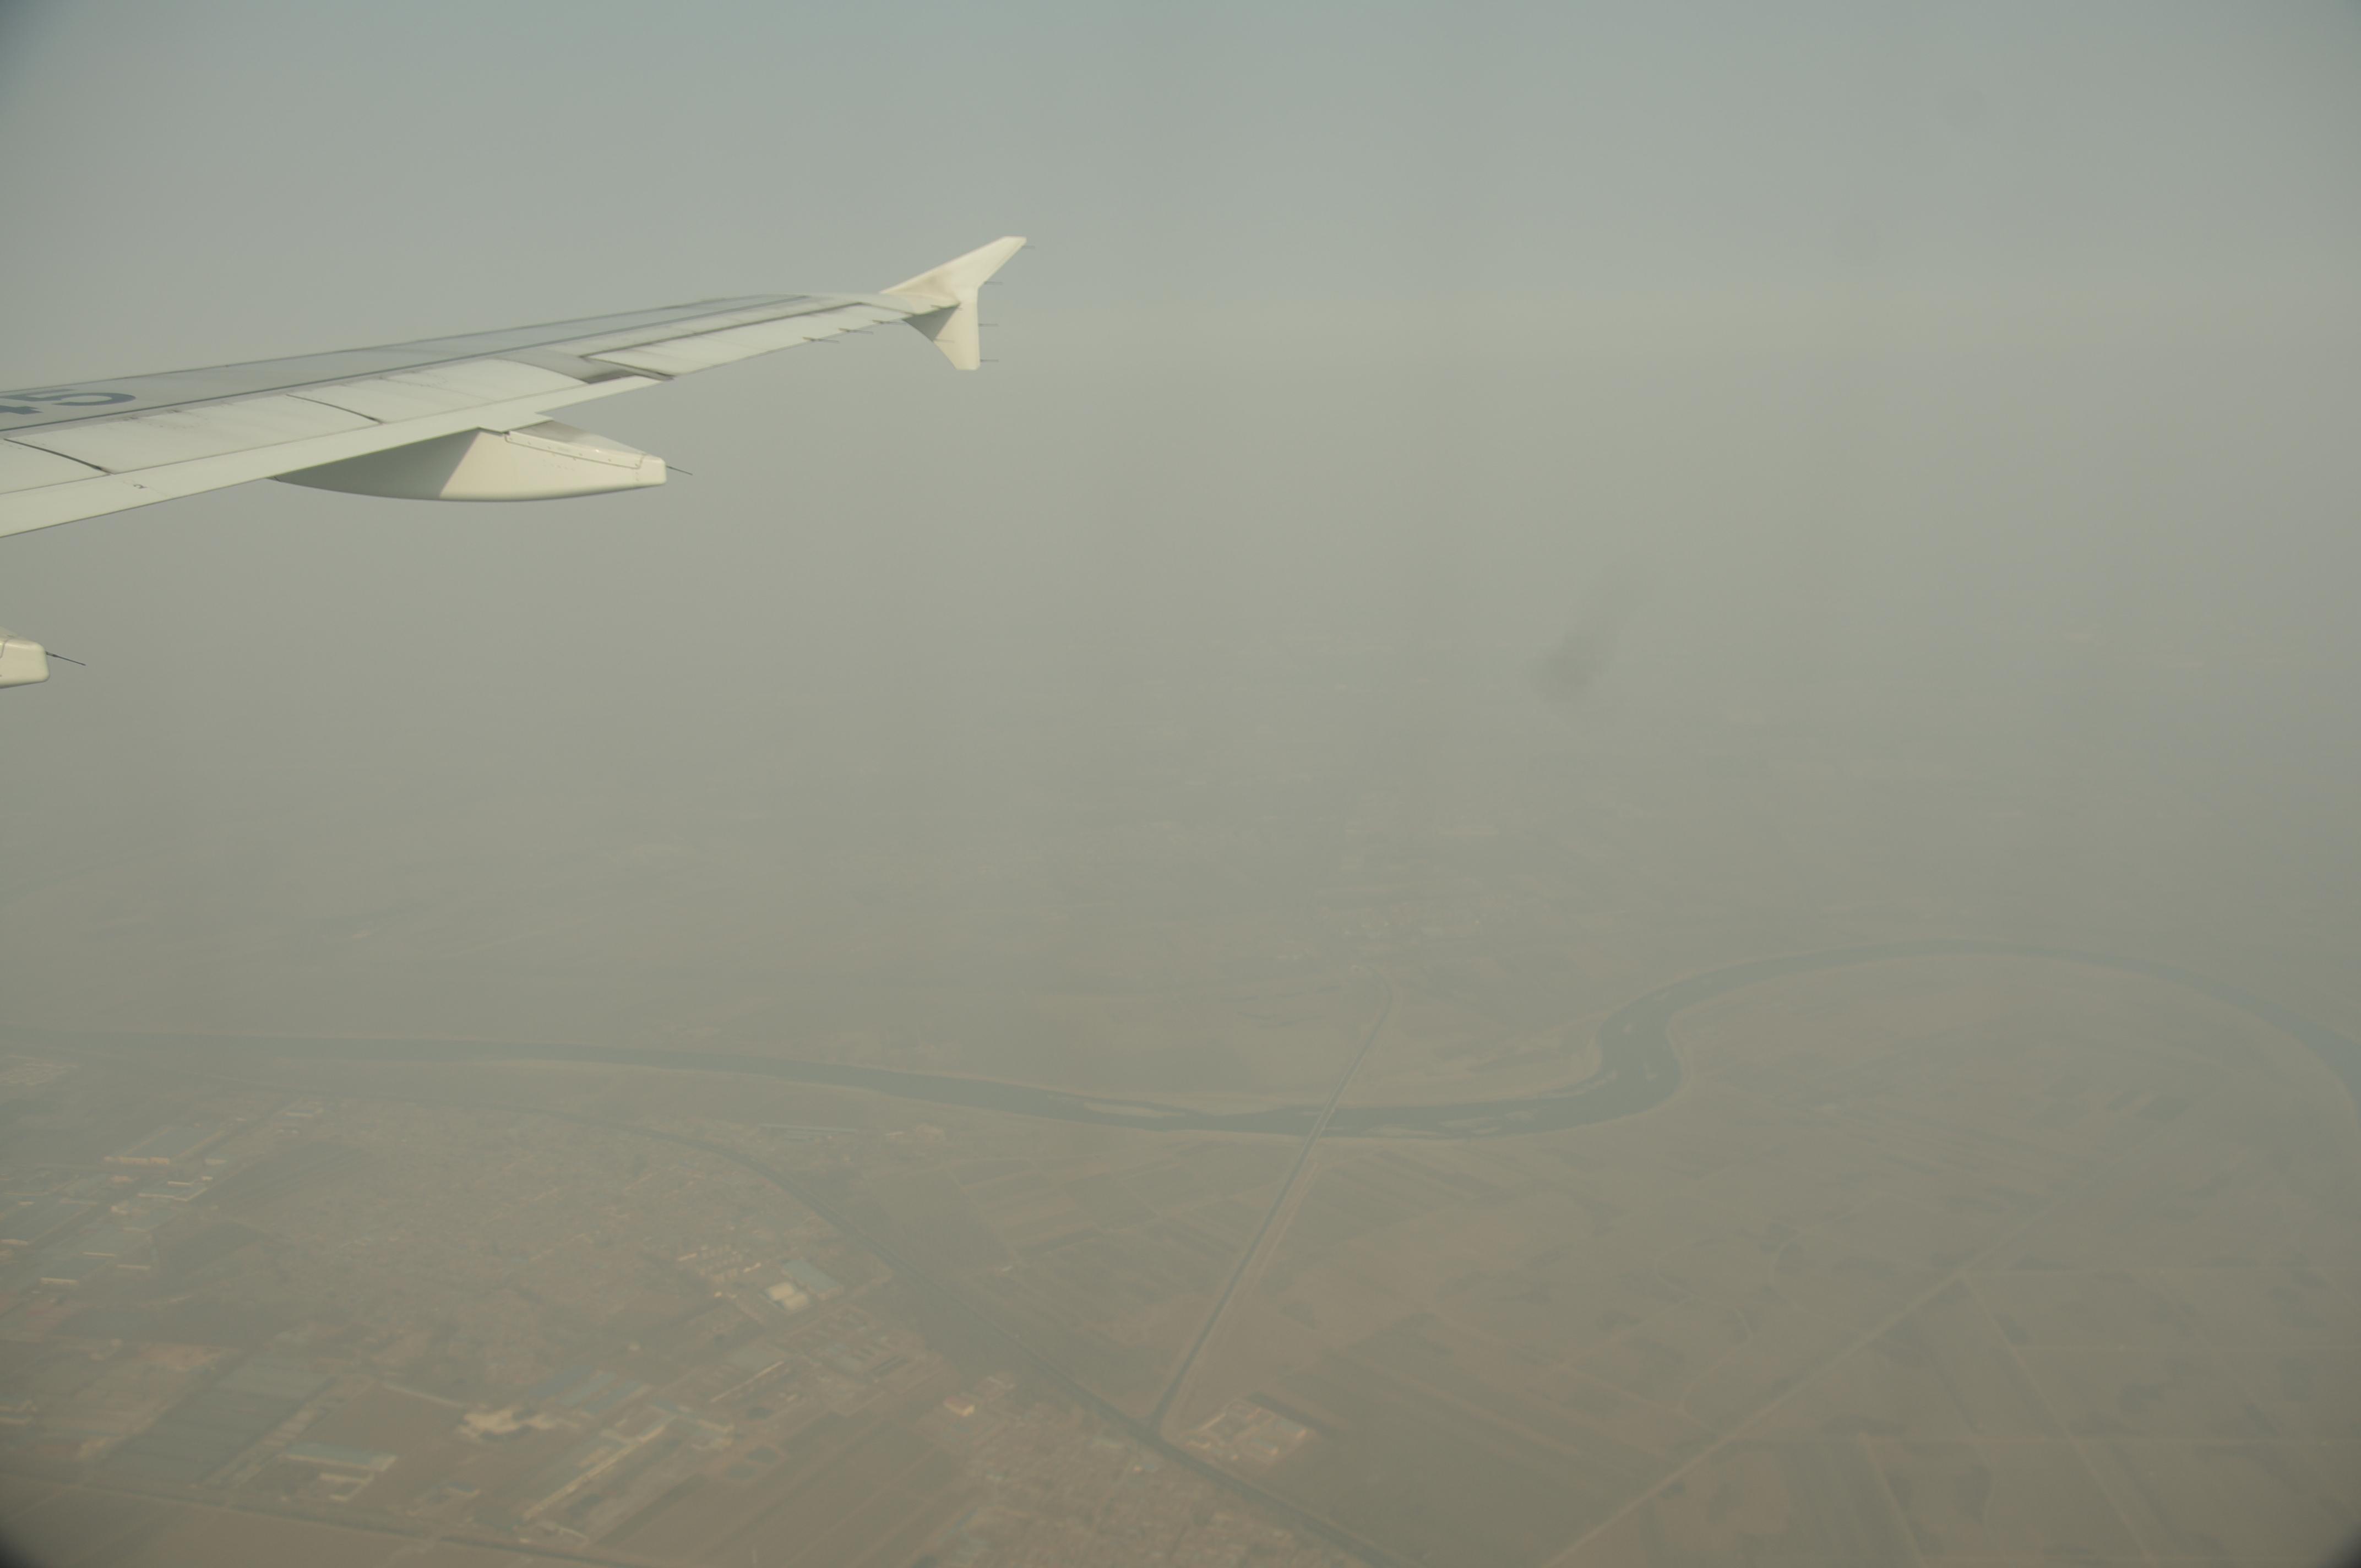 雾霾~沙尘暴~等等~当时从上往下看感觉会不大好,结果下飞机以后看到的